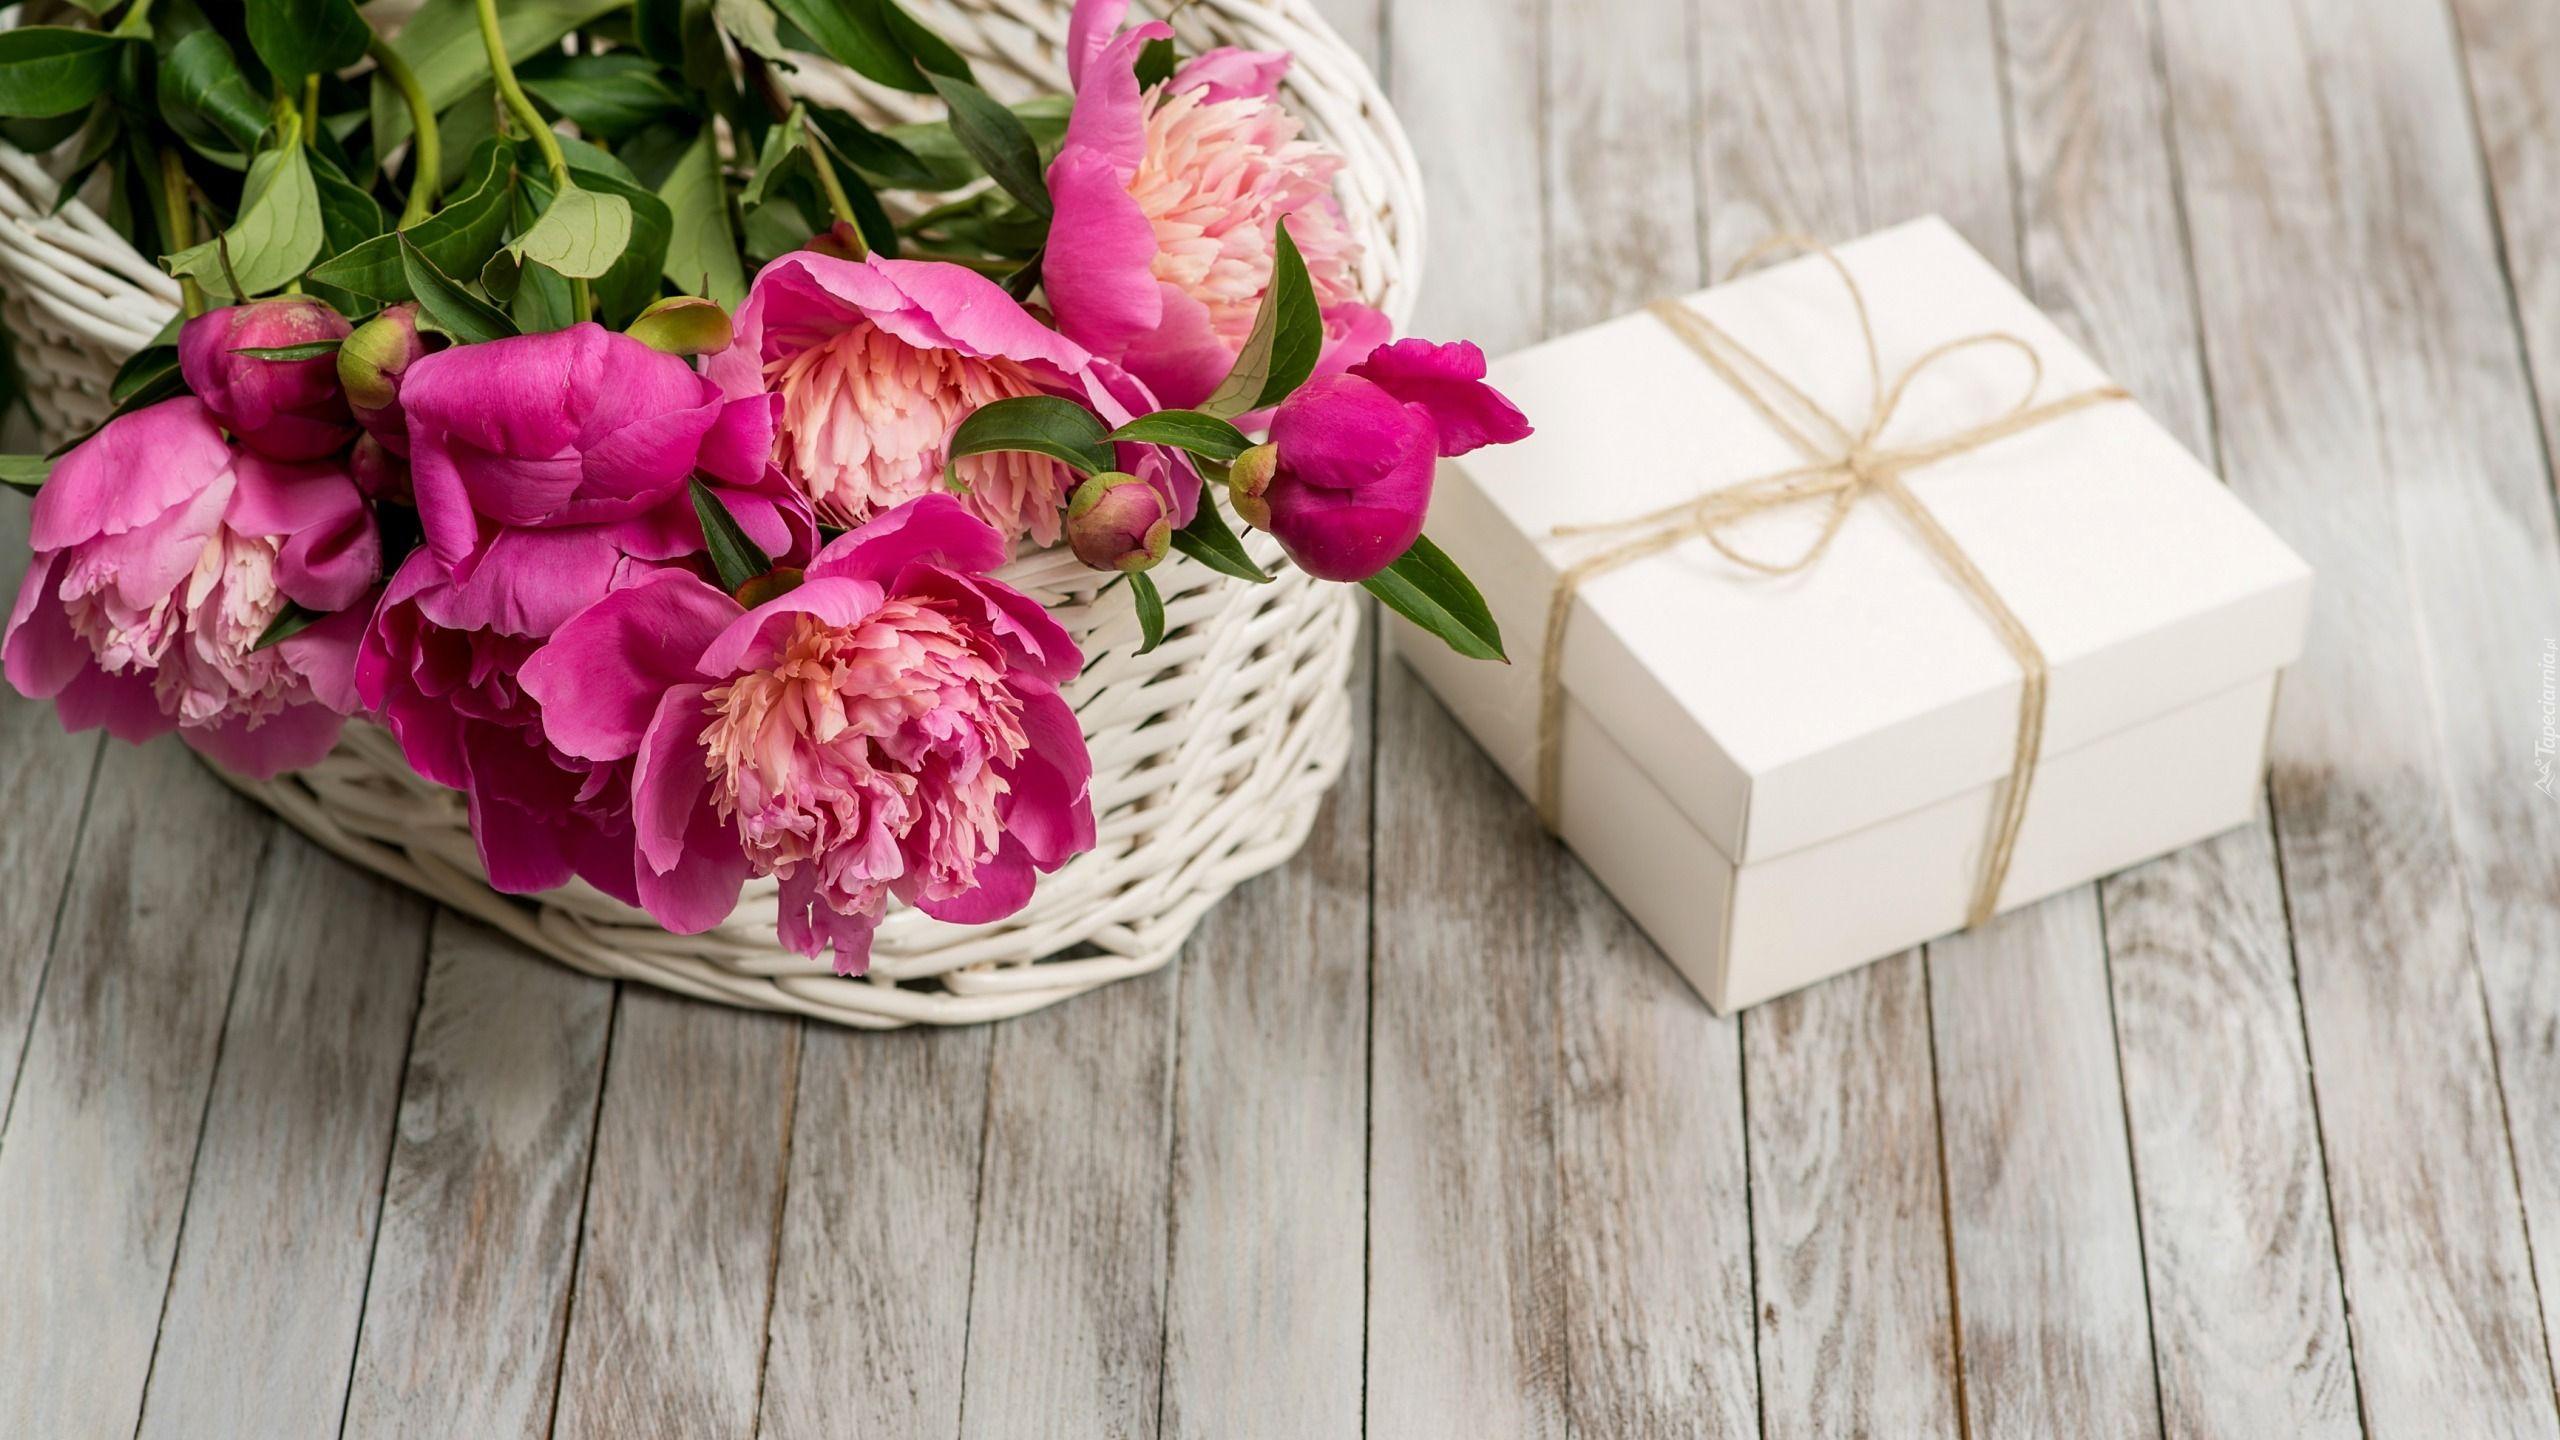 Rozowe Piwonie Koszyk Deski Prezent Flower Phone Wallpaper Peony Gift Beautiful Flowers